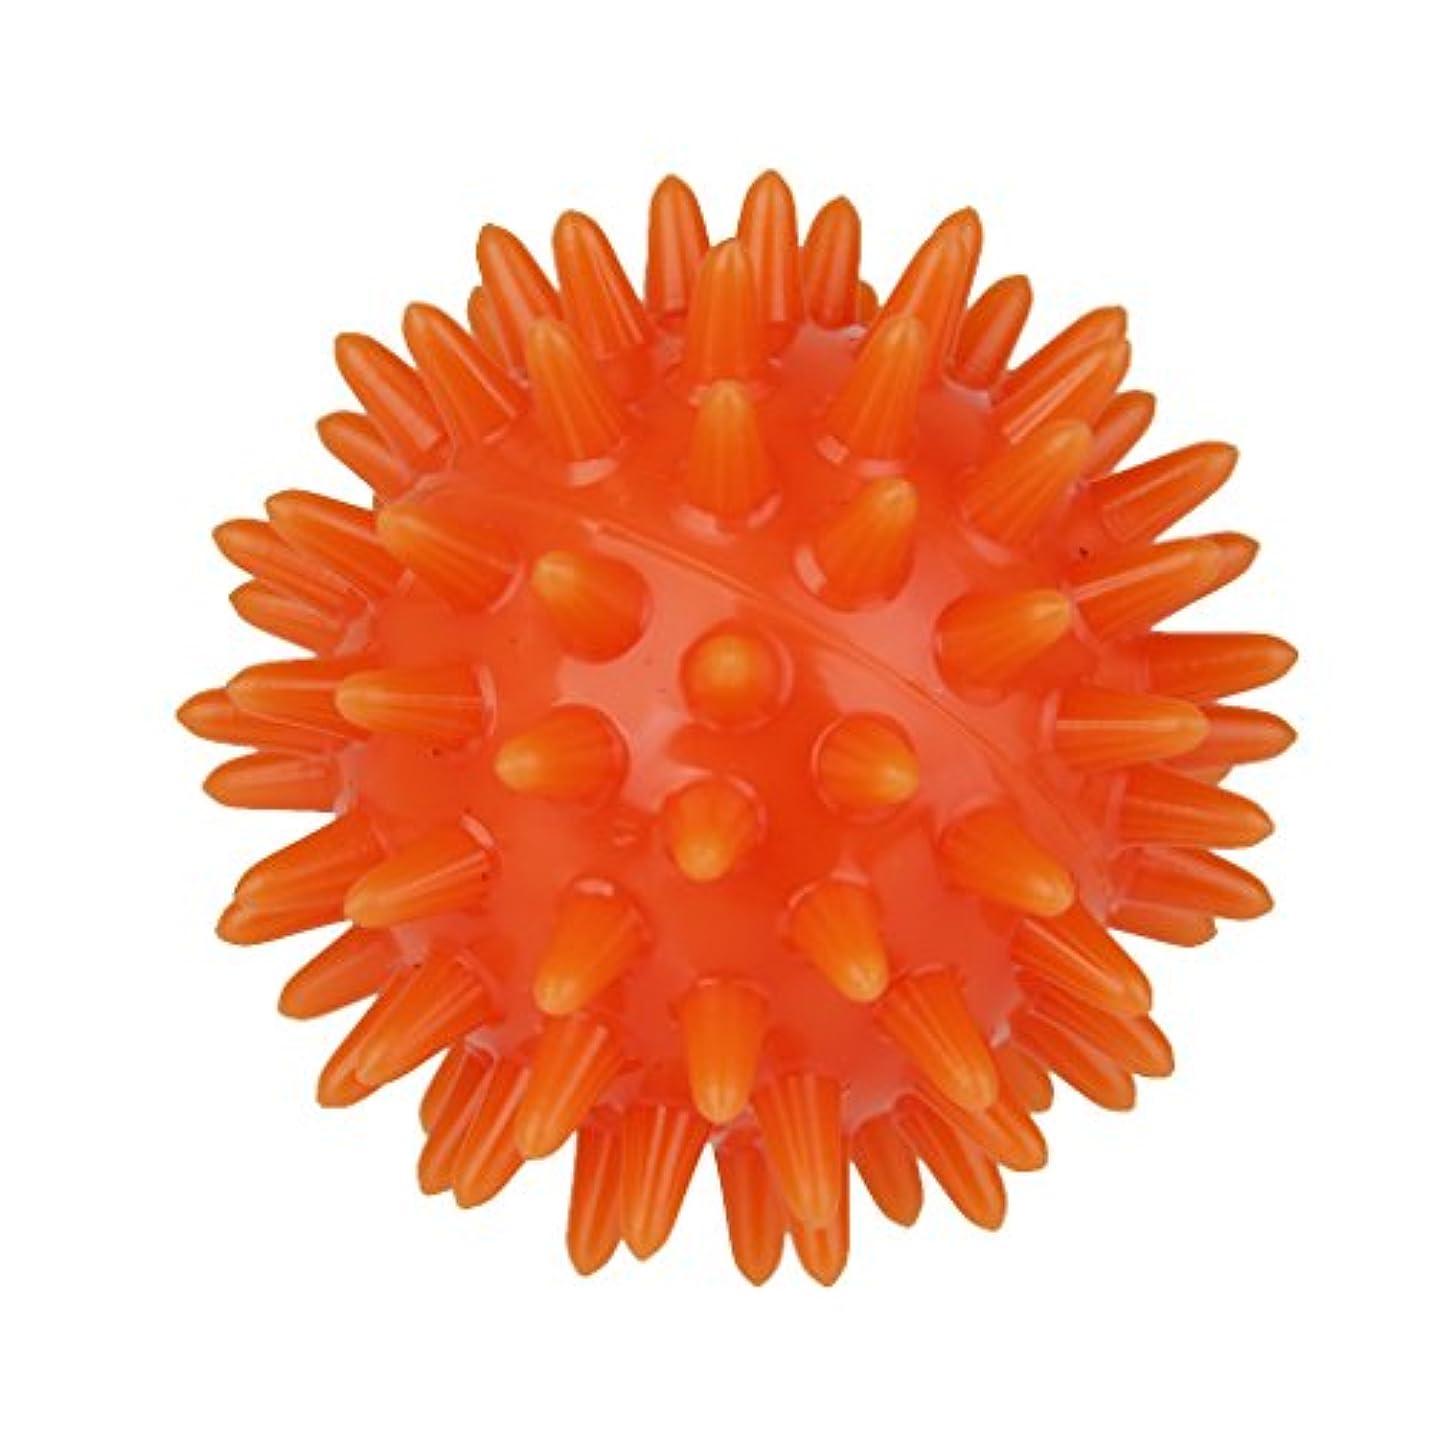 画家解決権限Fenteer ソフト マッサージボール 手のひら 足 腕 首 背中 マッサージ 疲れ 緩和 オレンジ